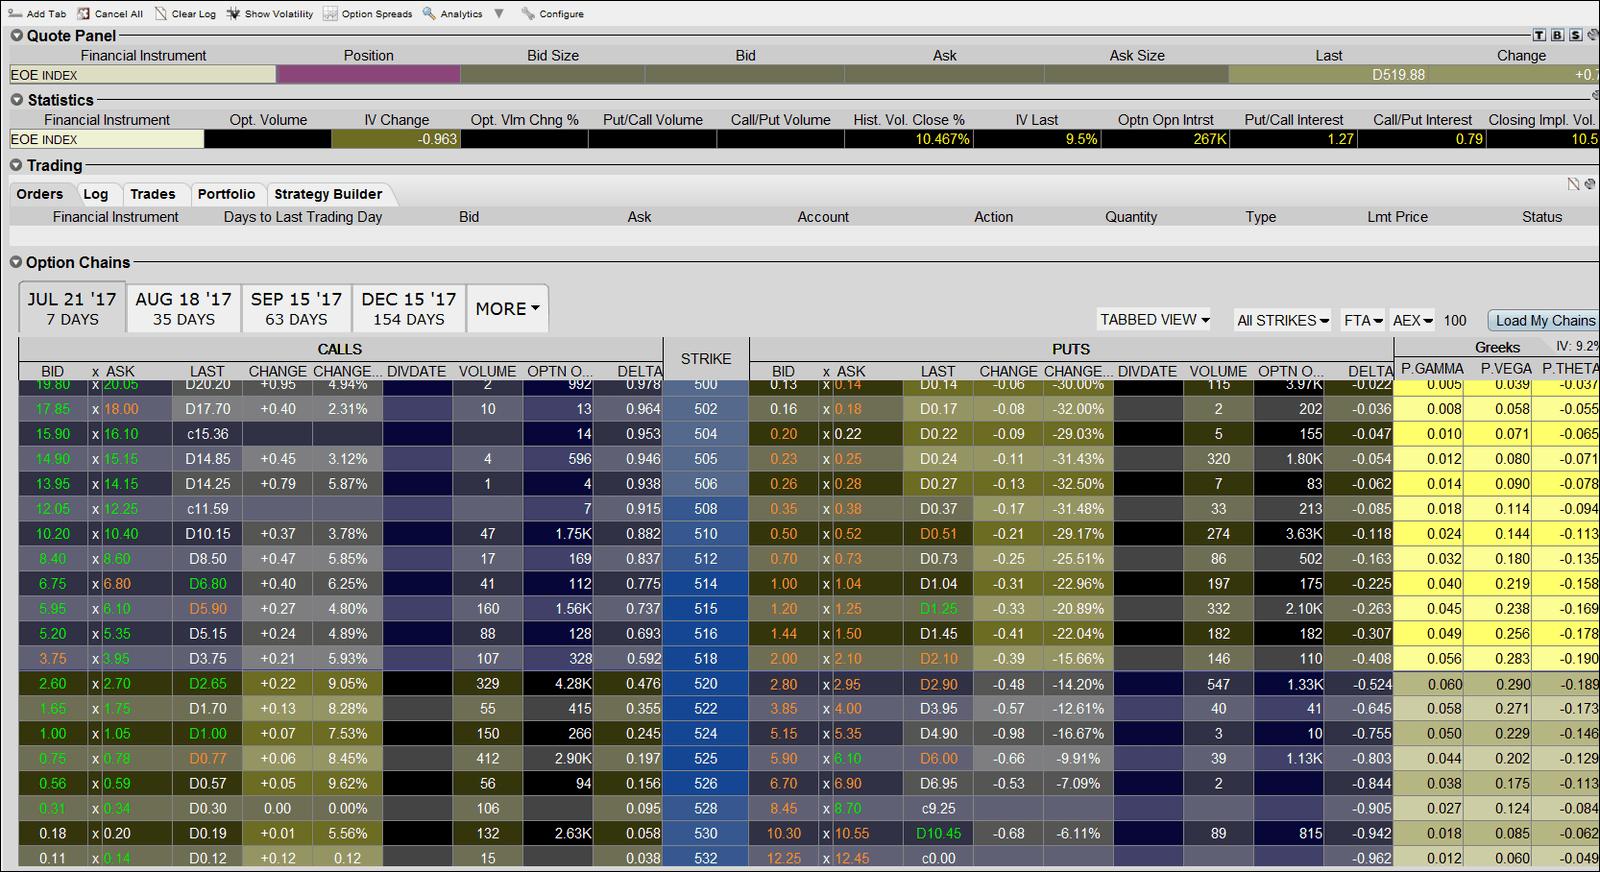 AEX Opties beleggen